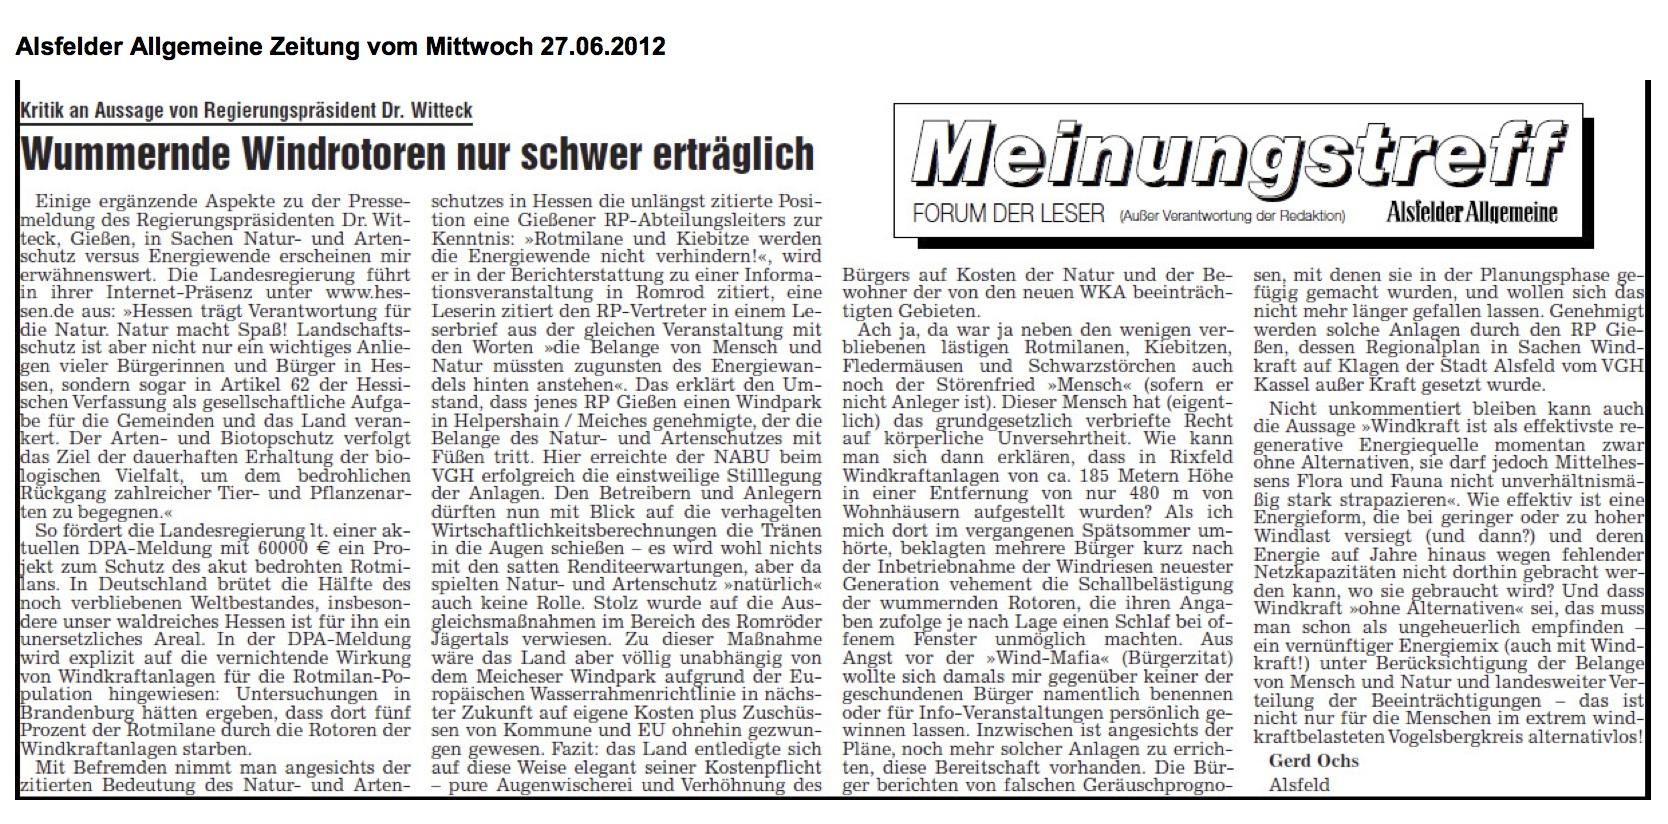 Leserbrief Gerd Ochs